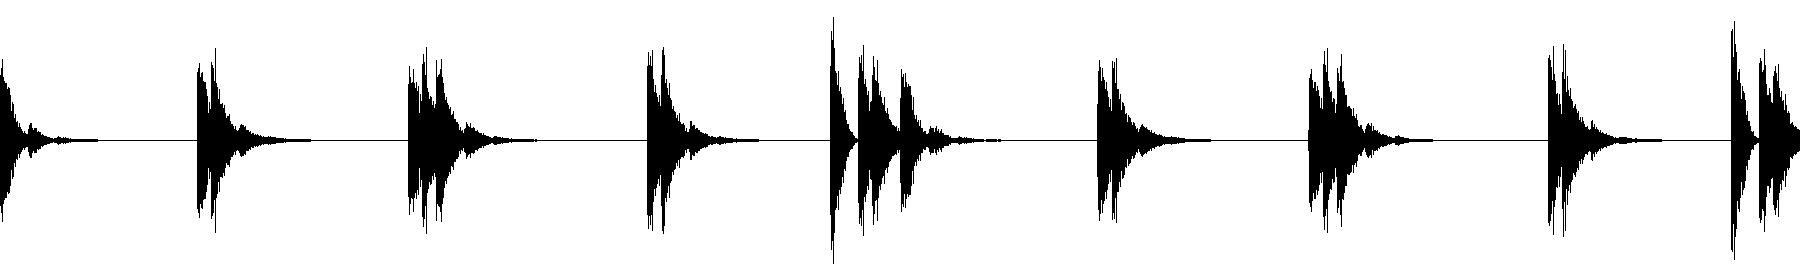 dts chordlp 01b gm wet